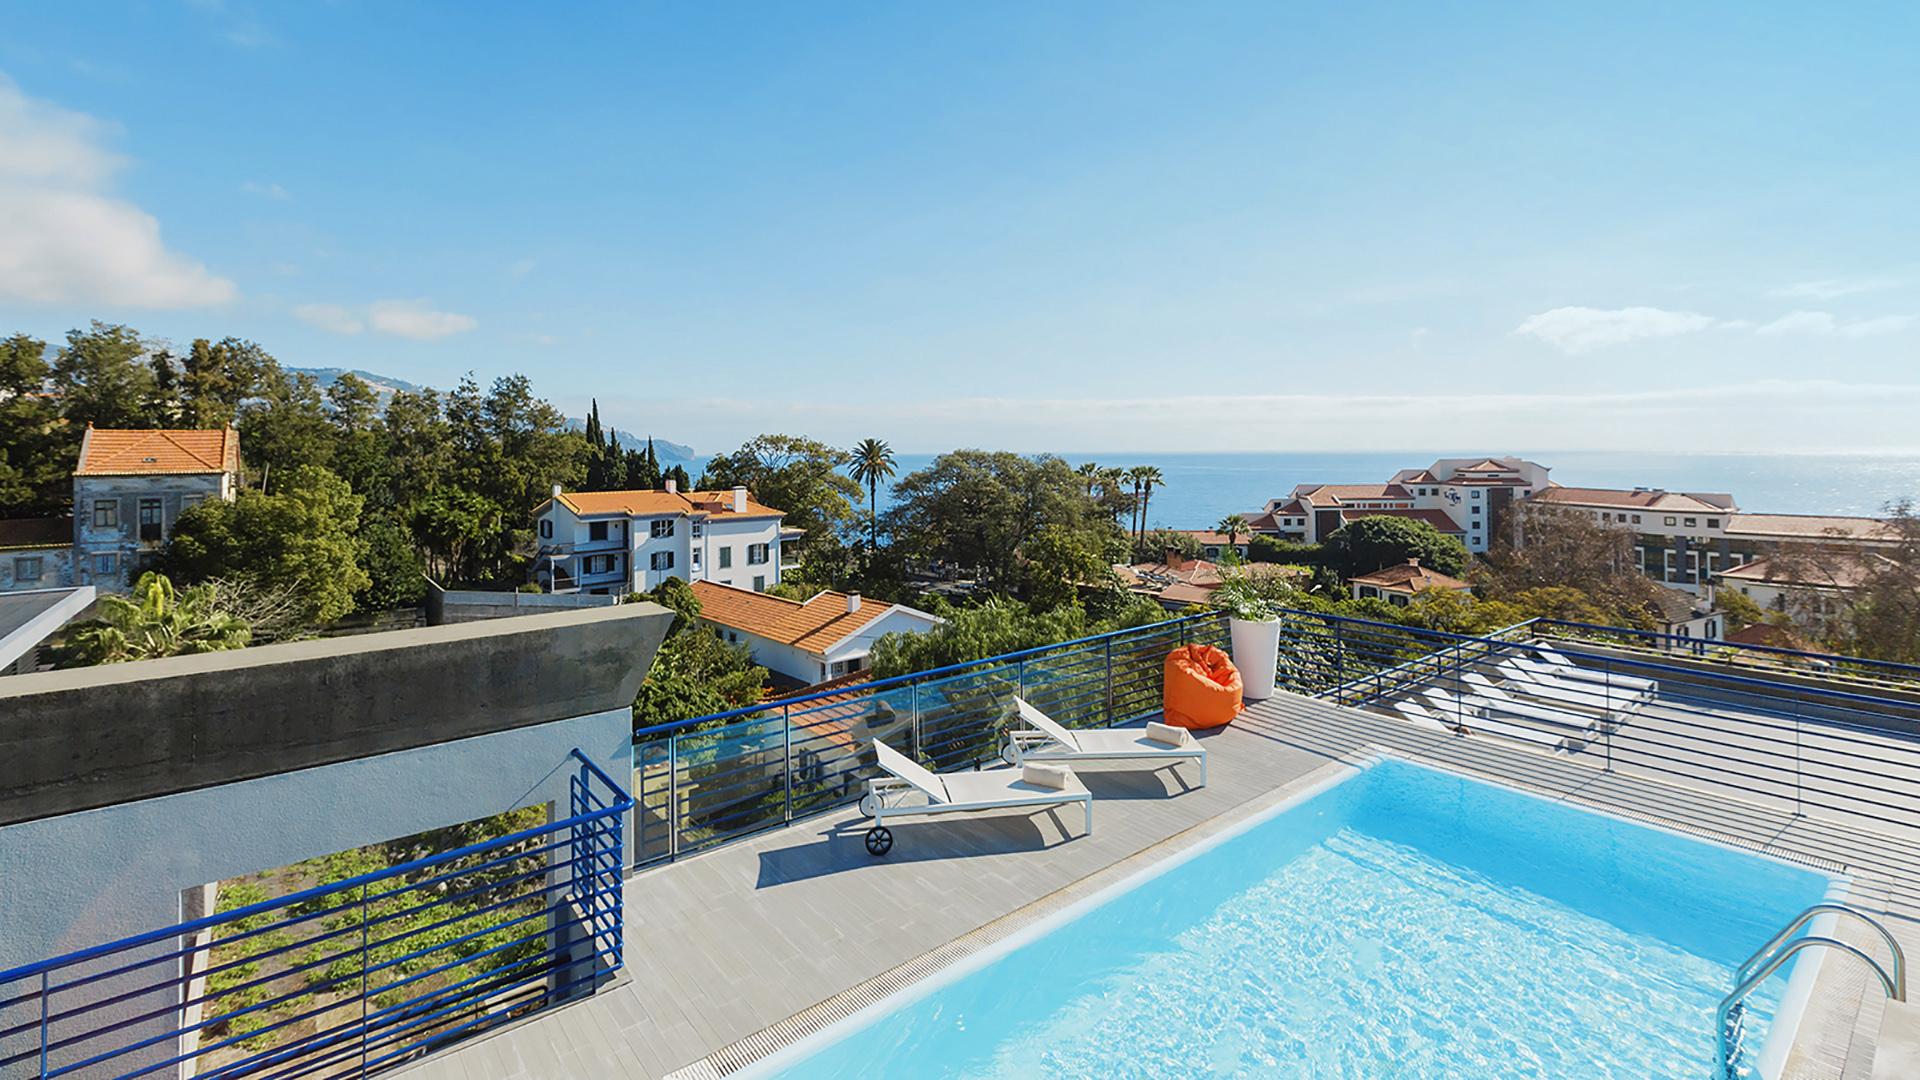 Terrace Mar Portugalia Madera